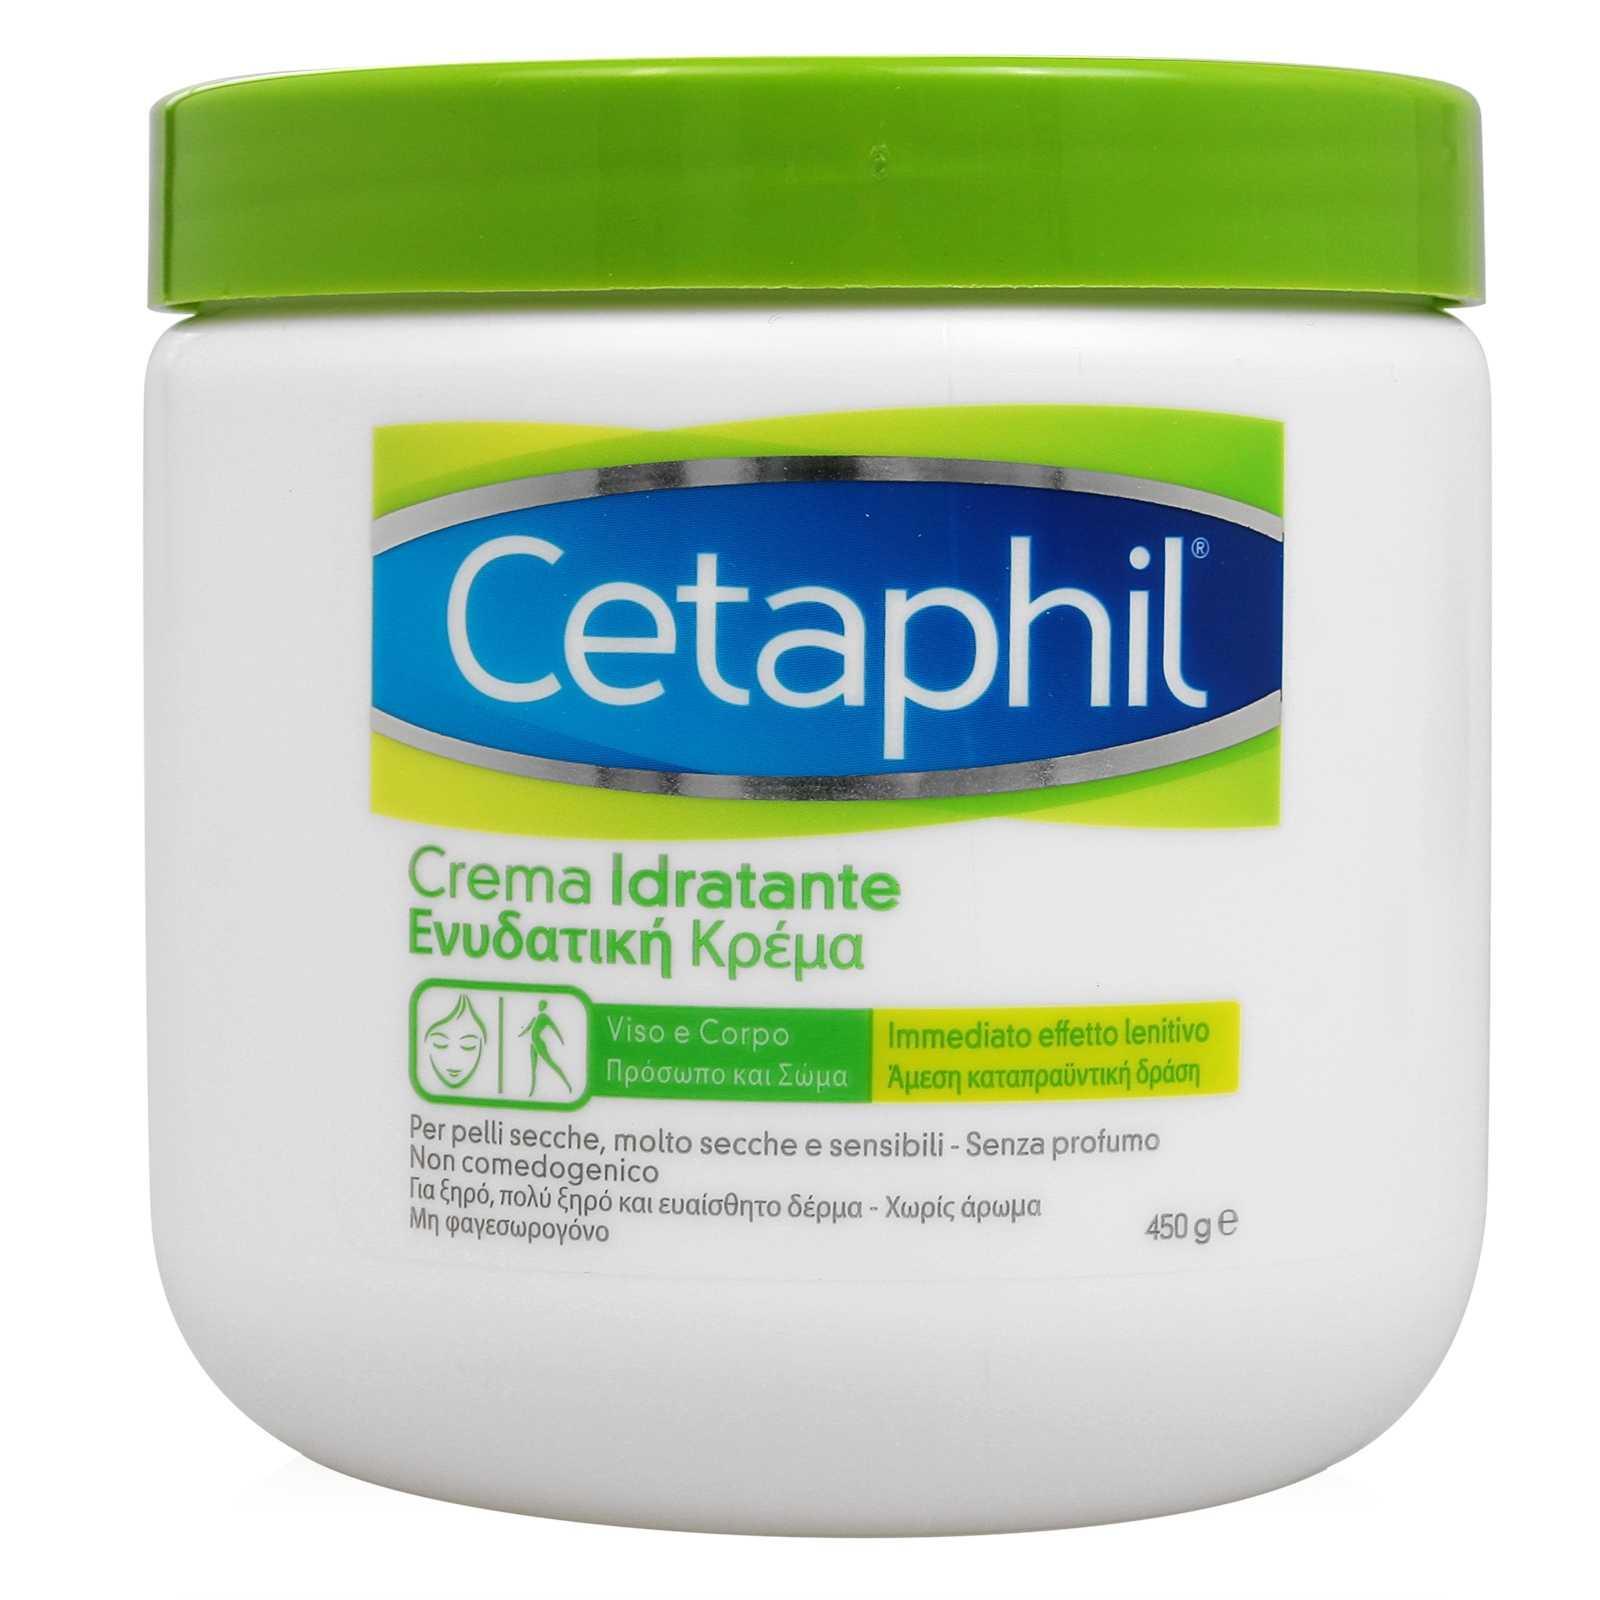 Cetafil - Crema Idratante - Vaso 450g